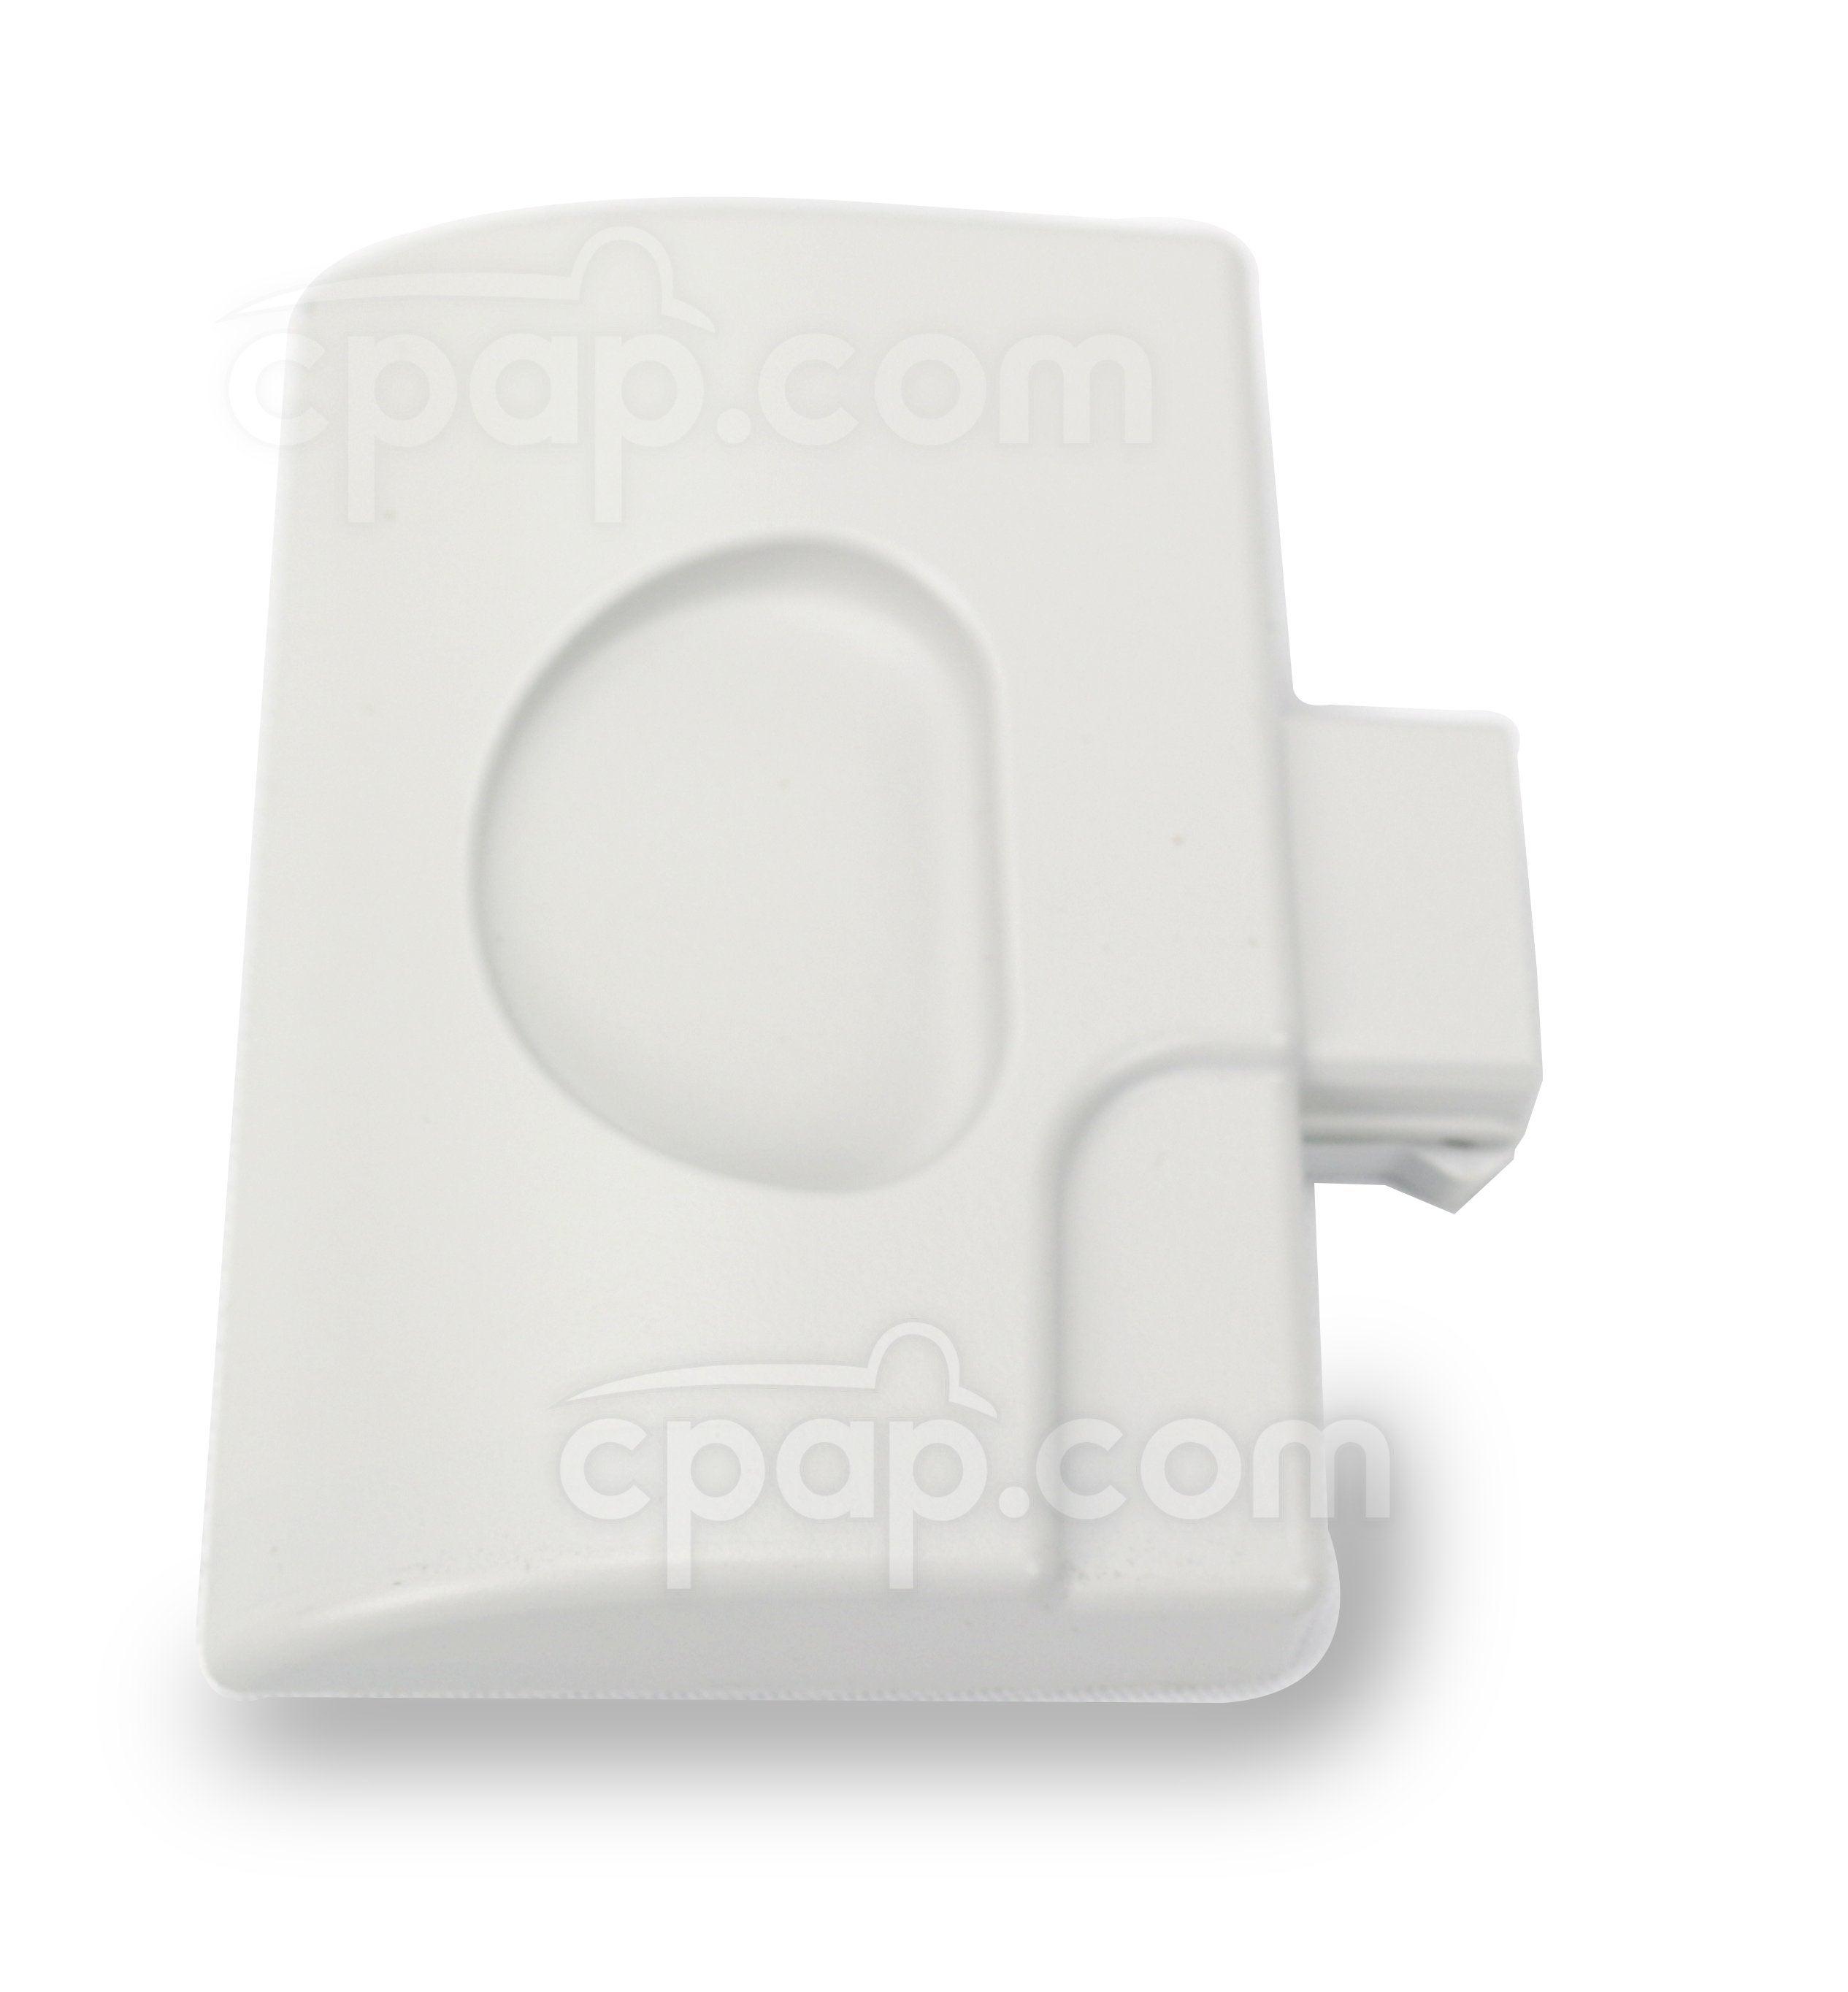 DreamStation Cellular Modem - Top